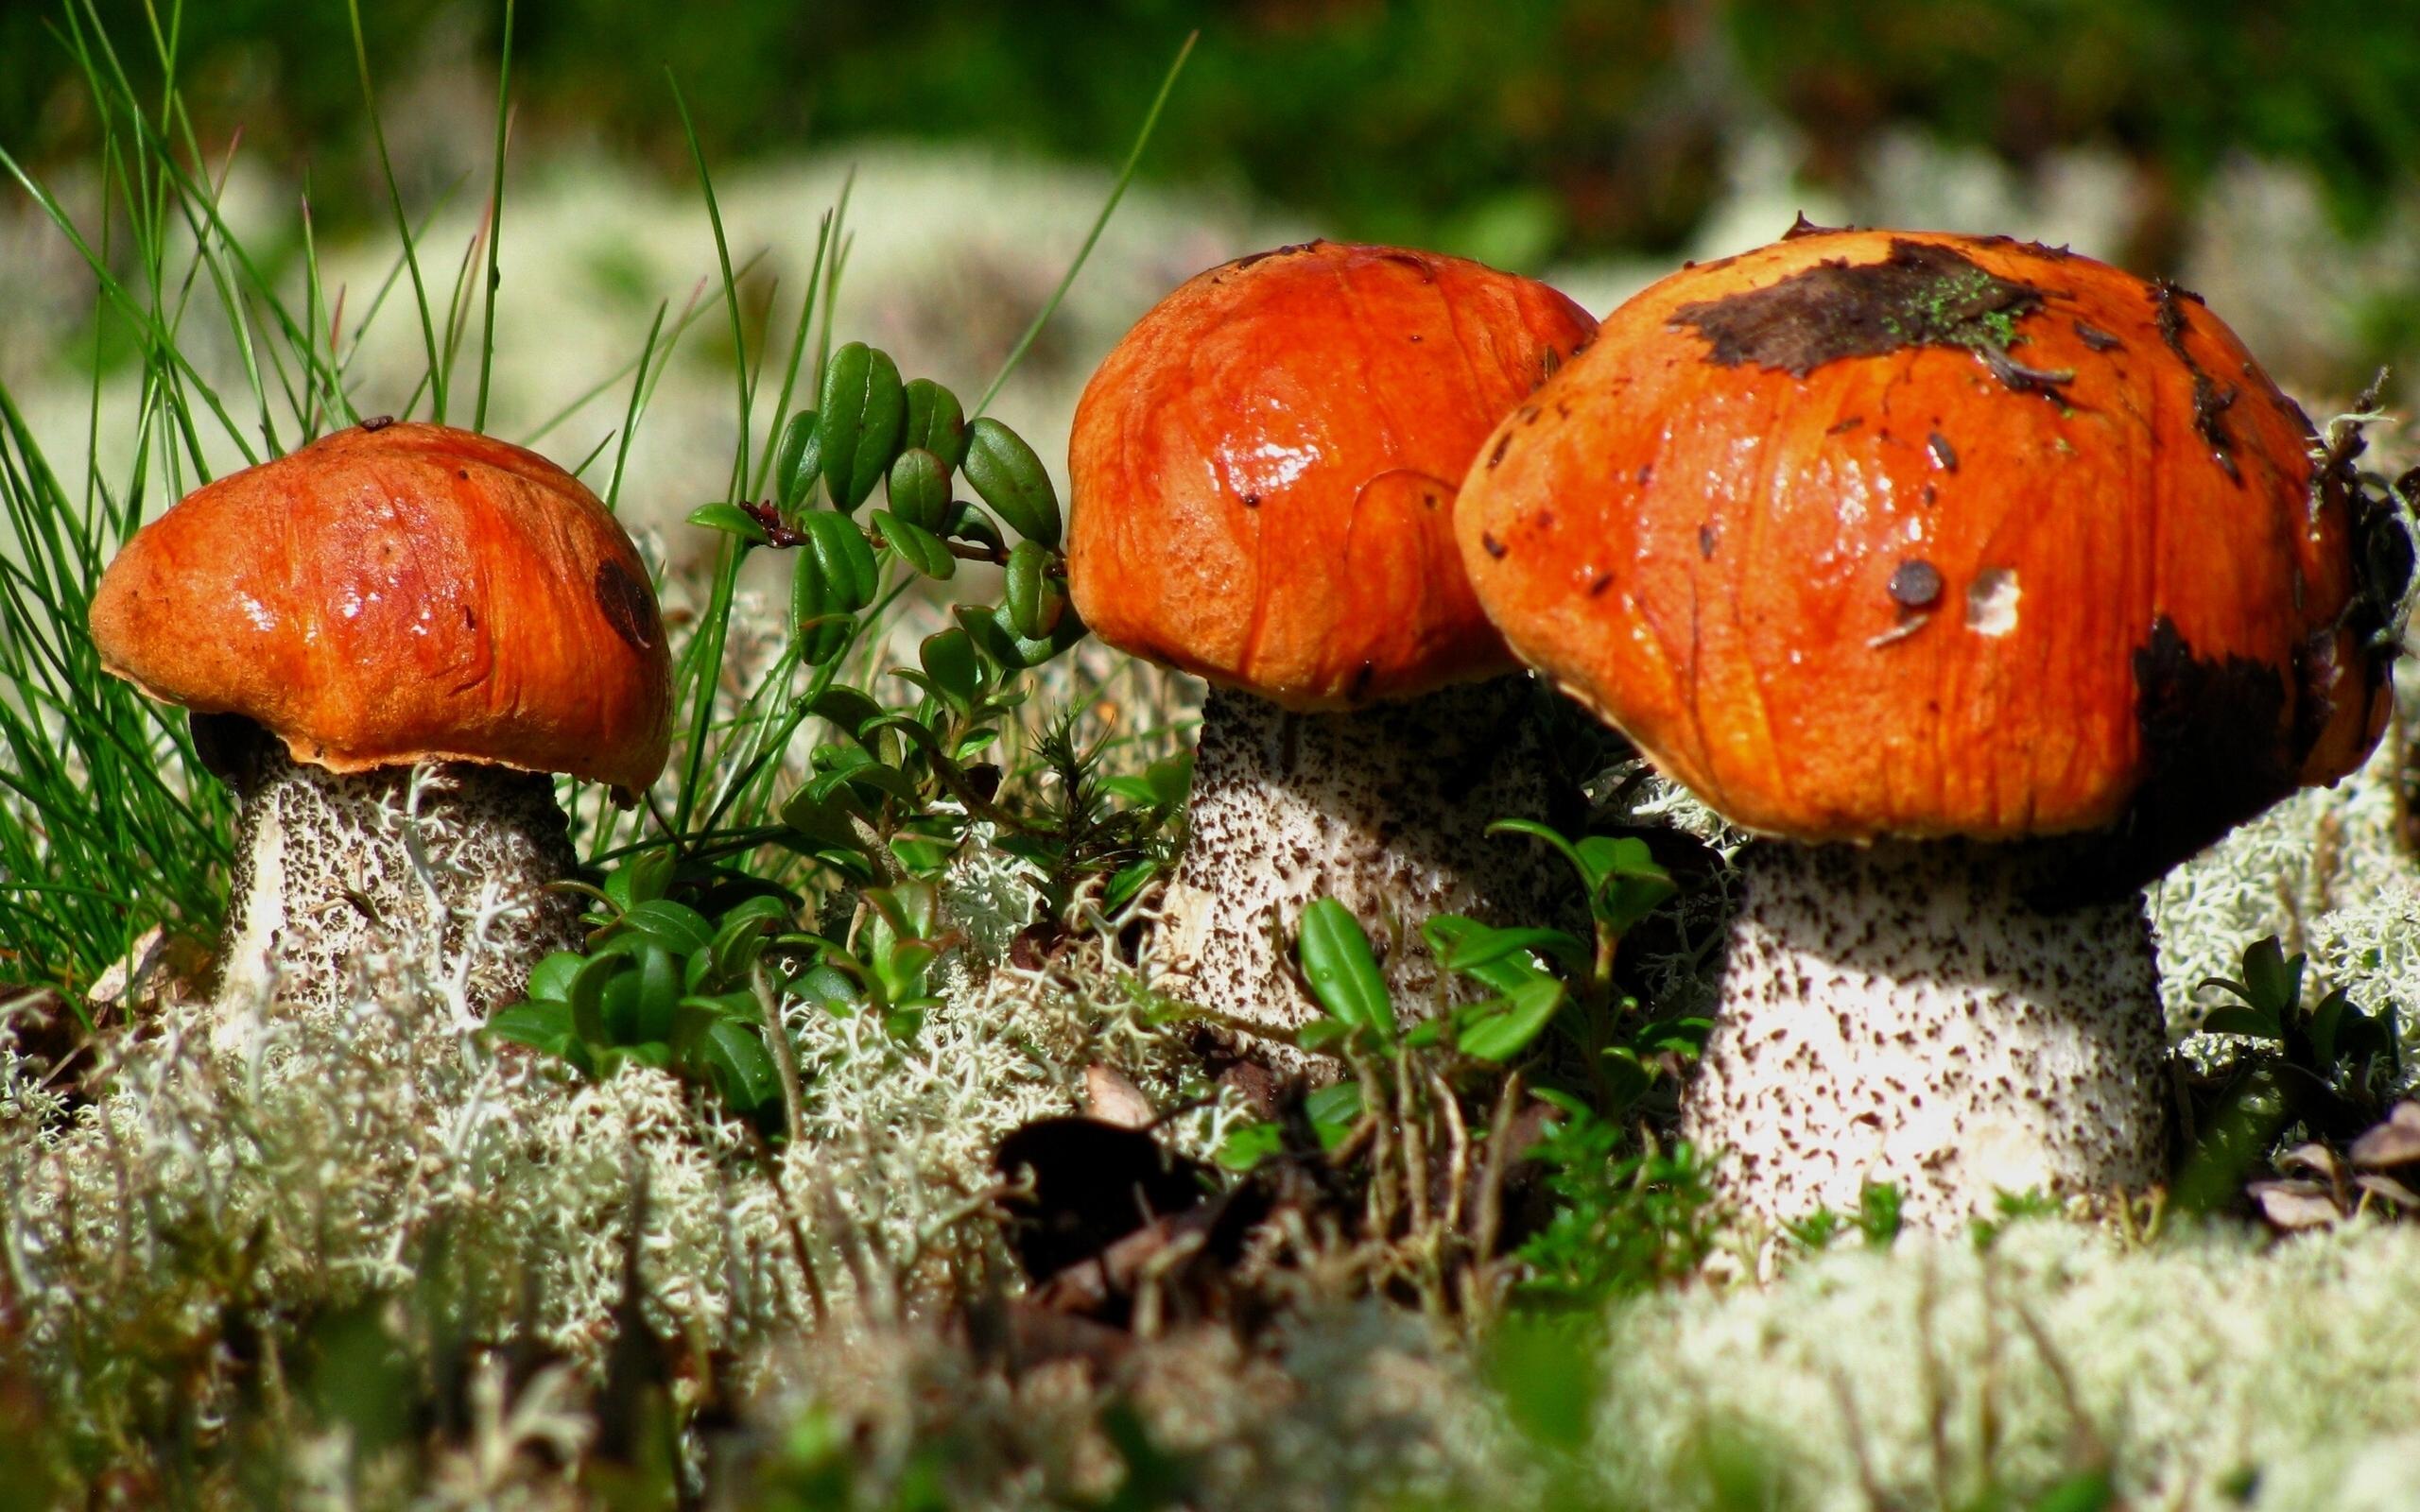 красивые фото грибов в высоком качестве выбором высоты нужно